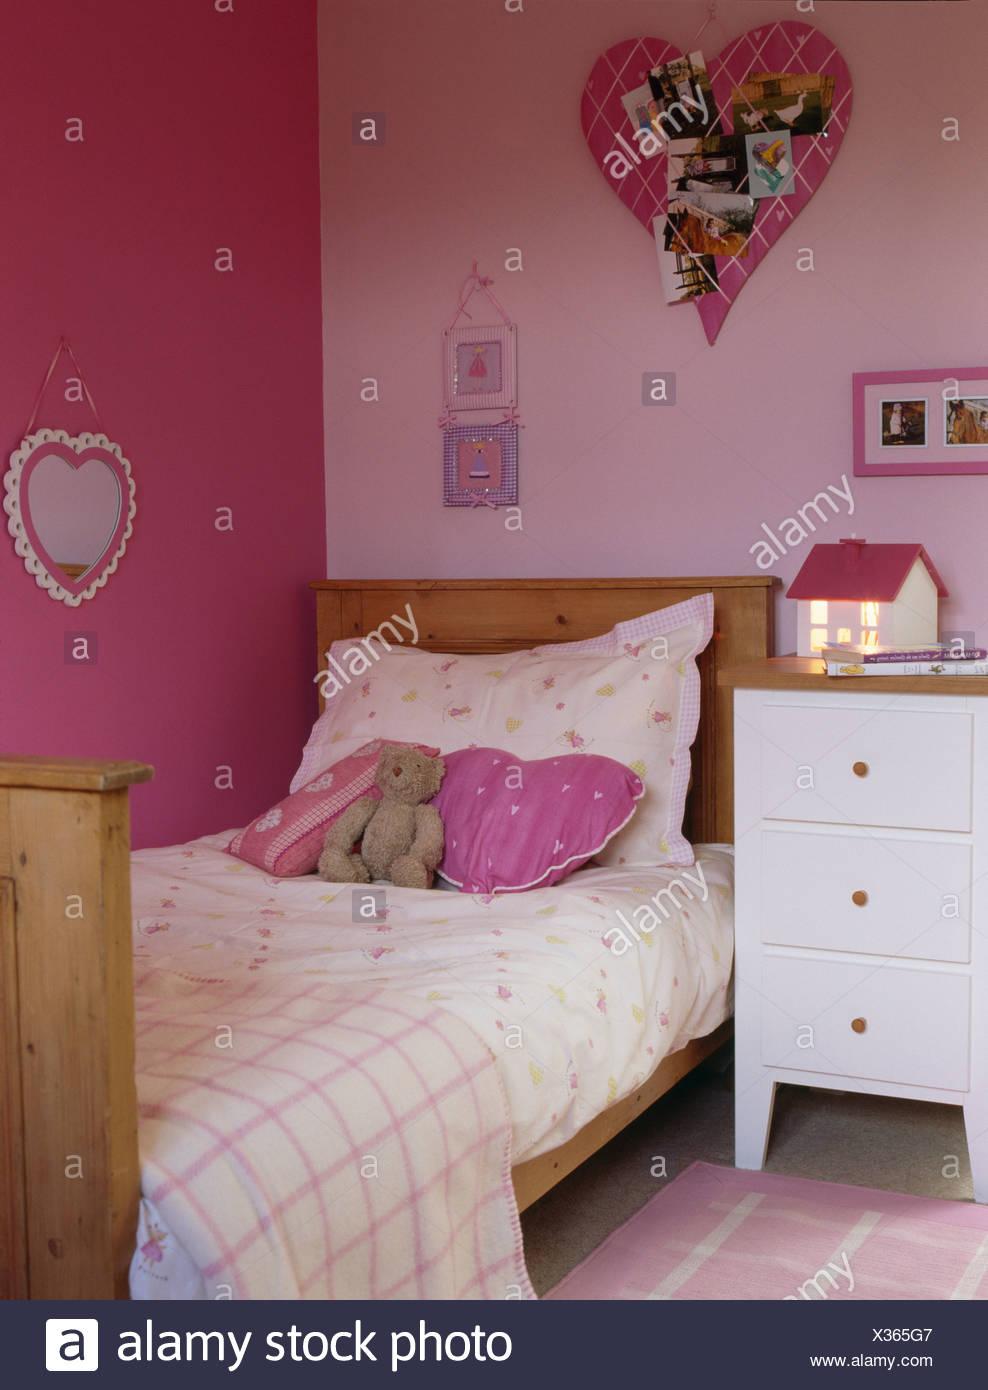 Coussin Pour Chambre D Ado l'adolescent chambre rose avec lit en pin et coussin en